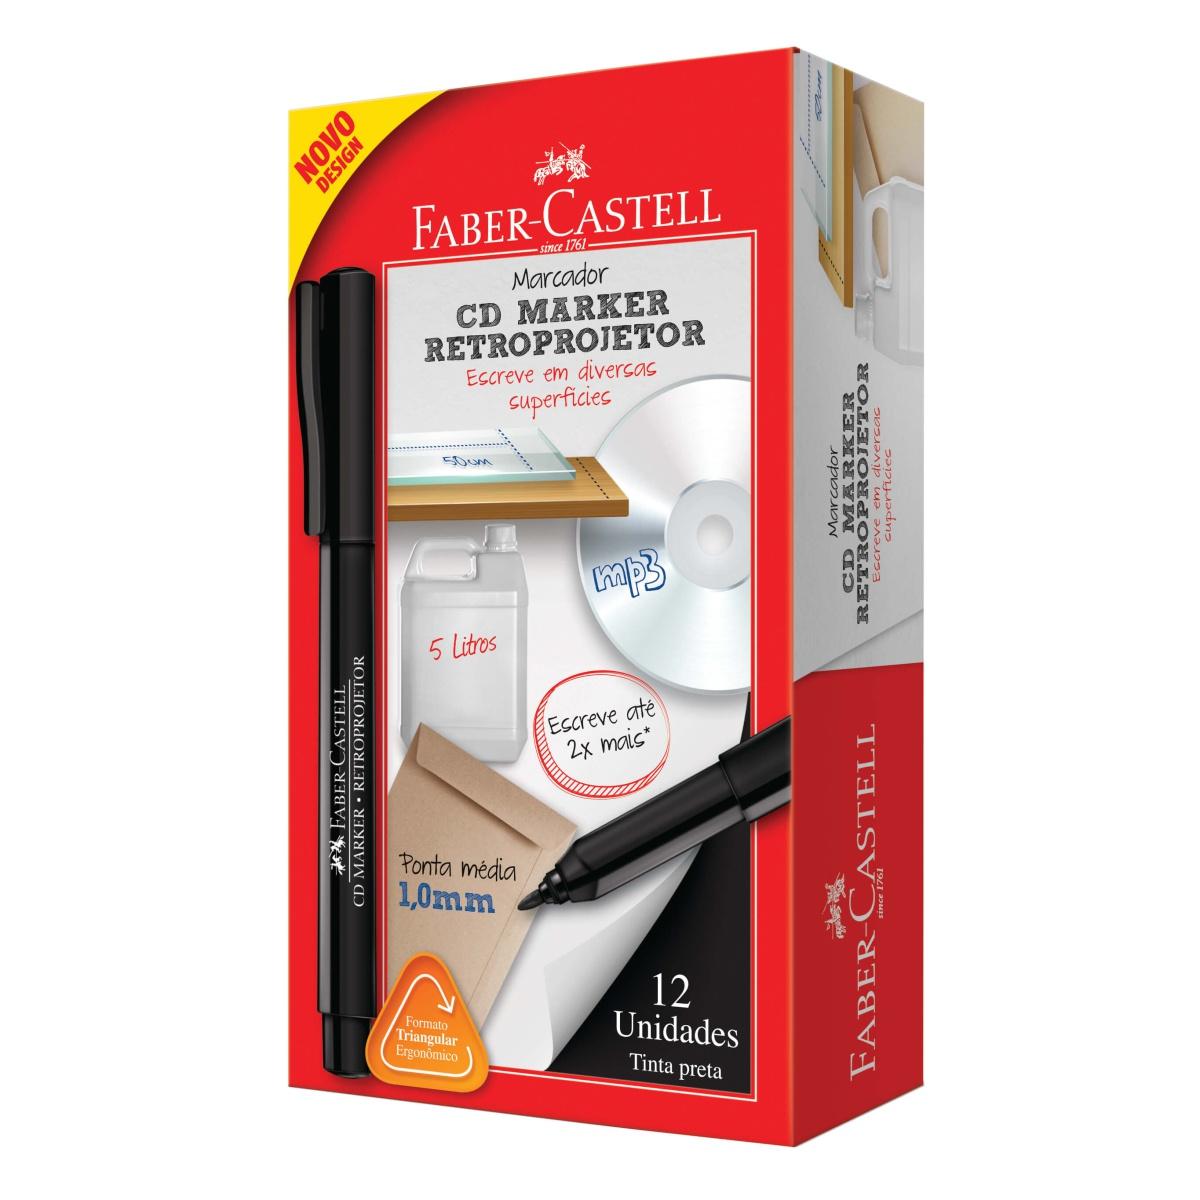 Caneta Retroprojetor Faber Castell 1.0mm Preta Caixa C/12 Unidades